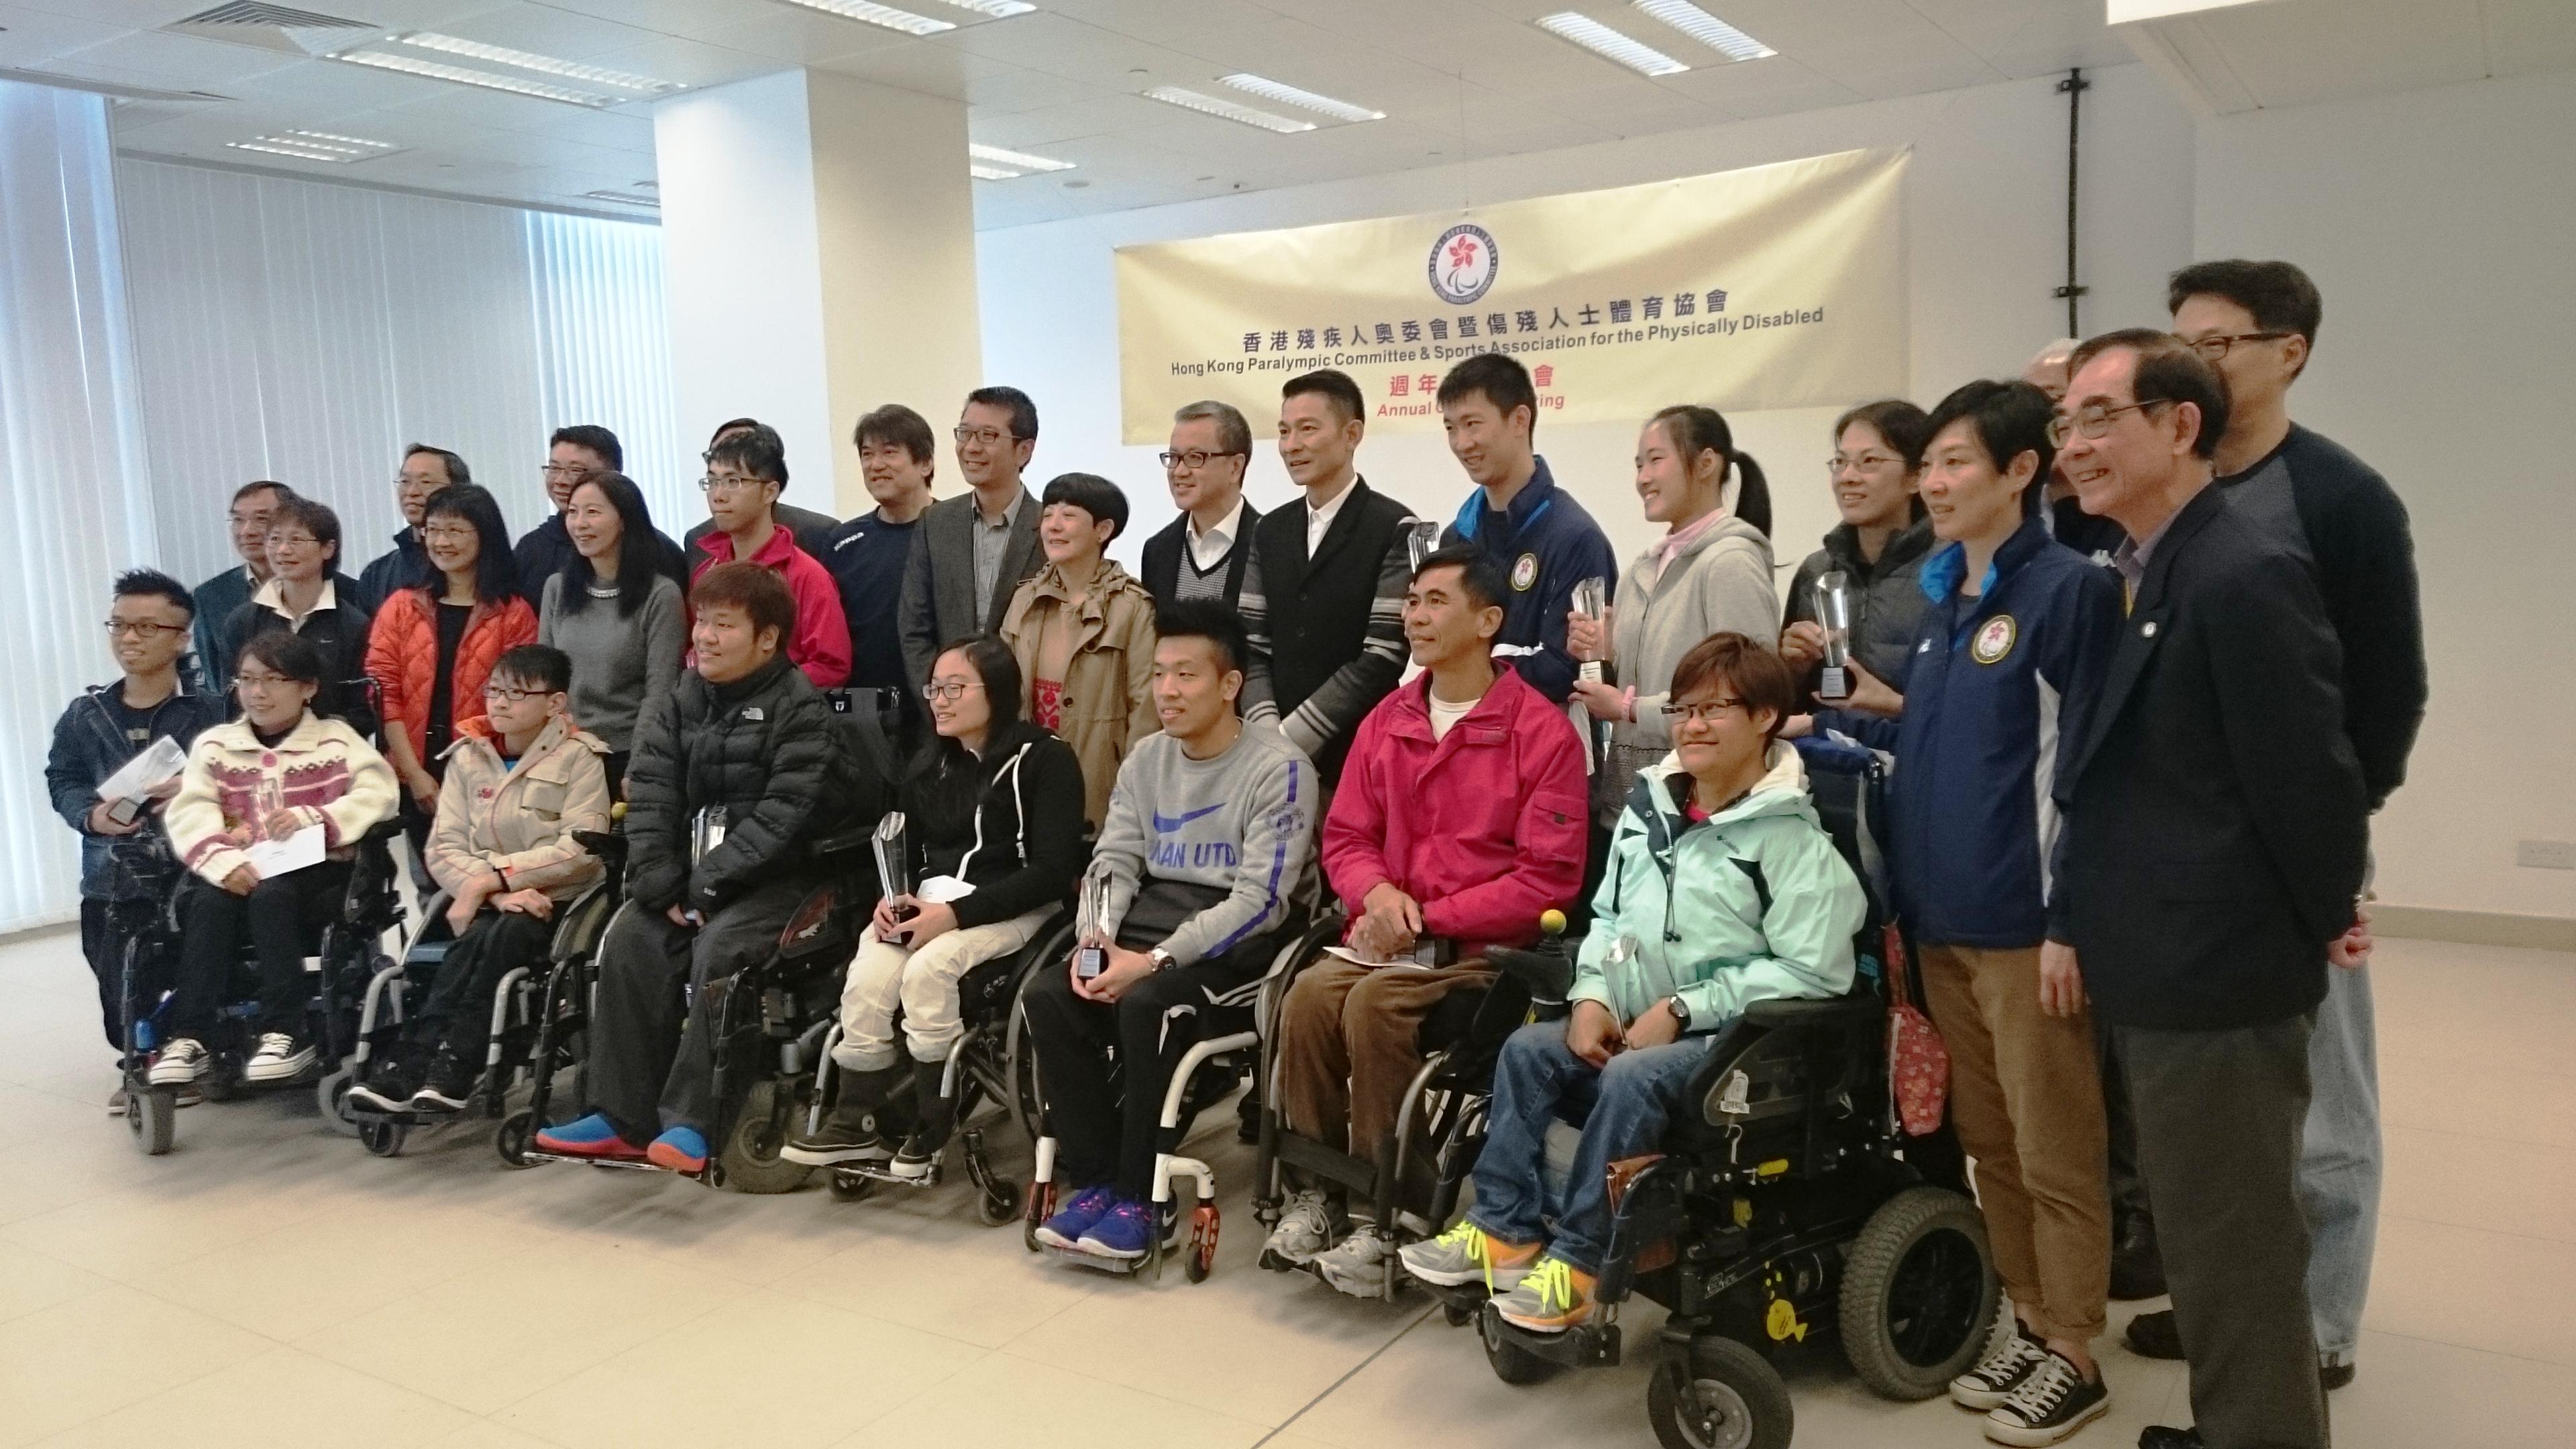 香港殘疾人草地滾球公開錦標賽2019即將展開